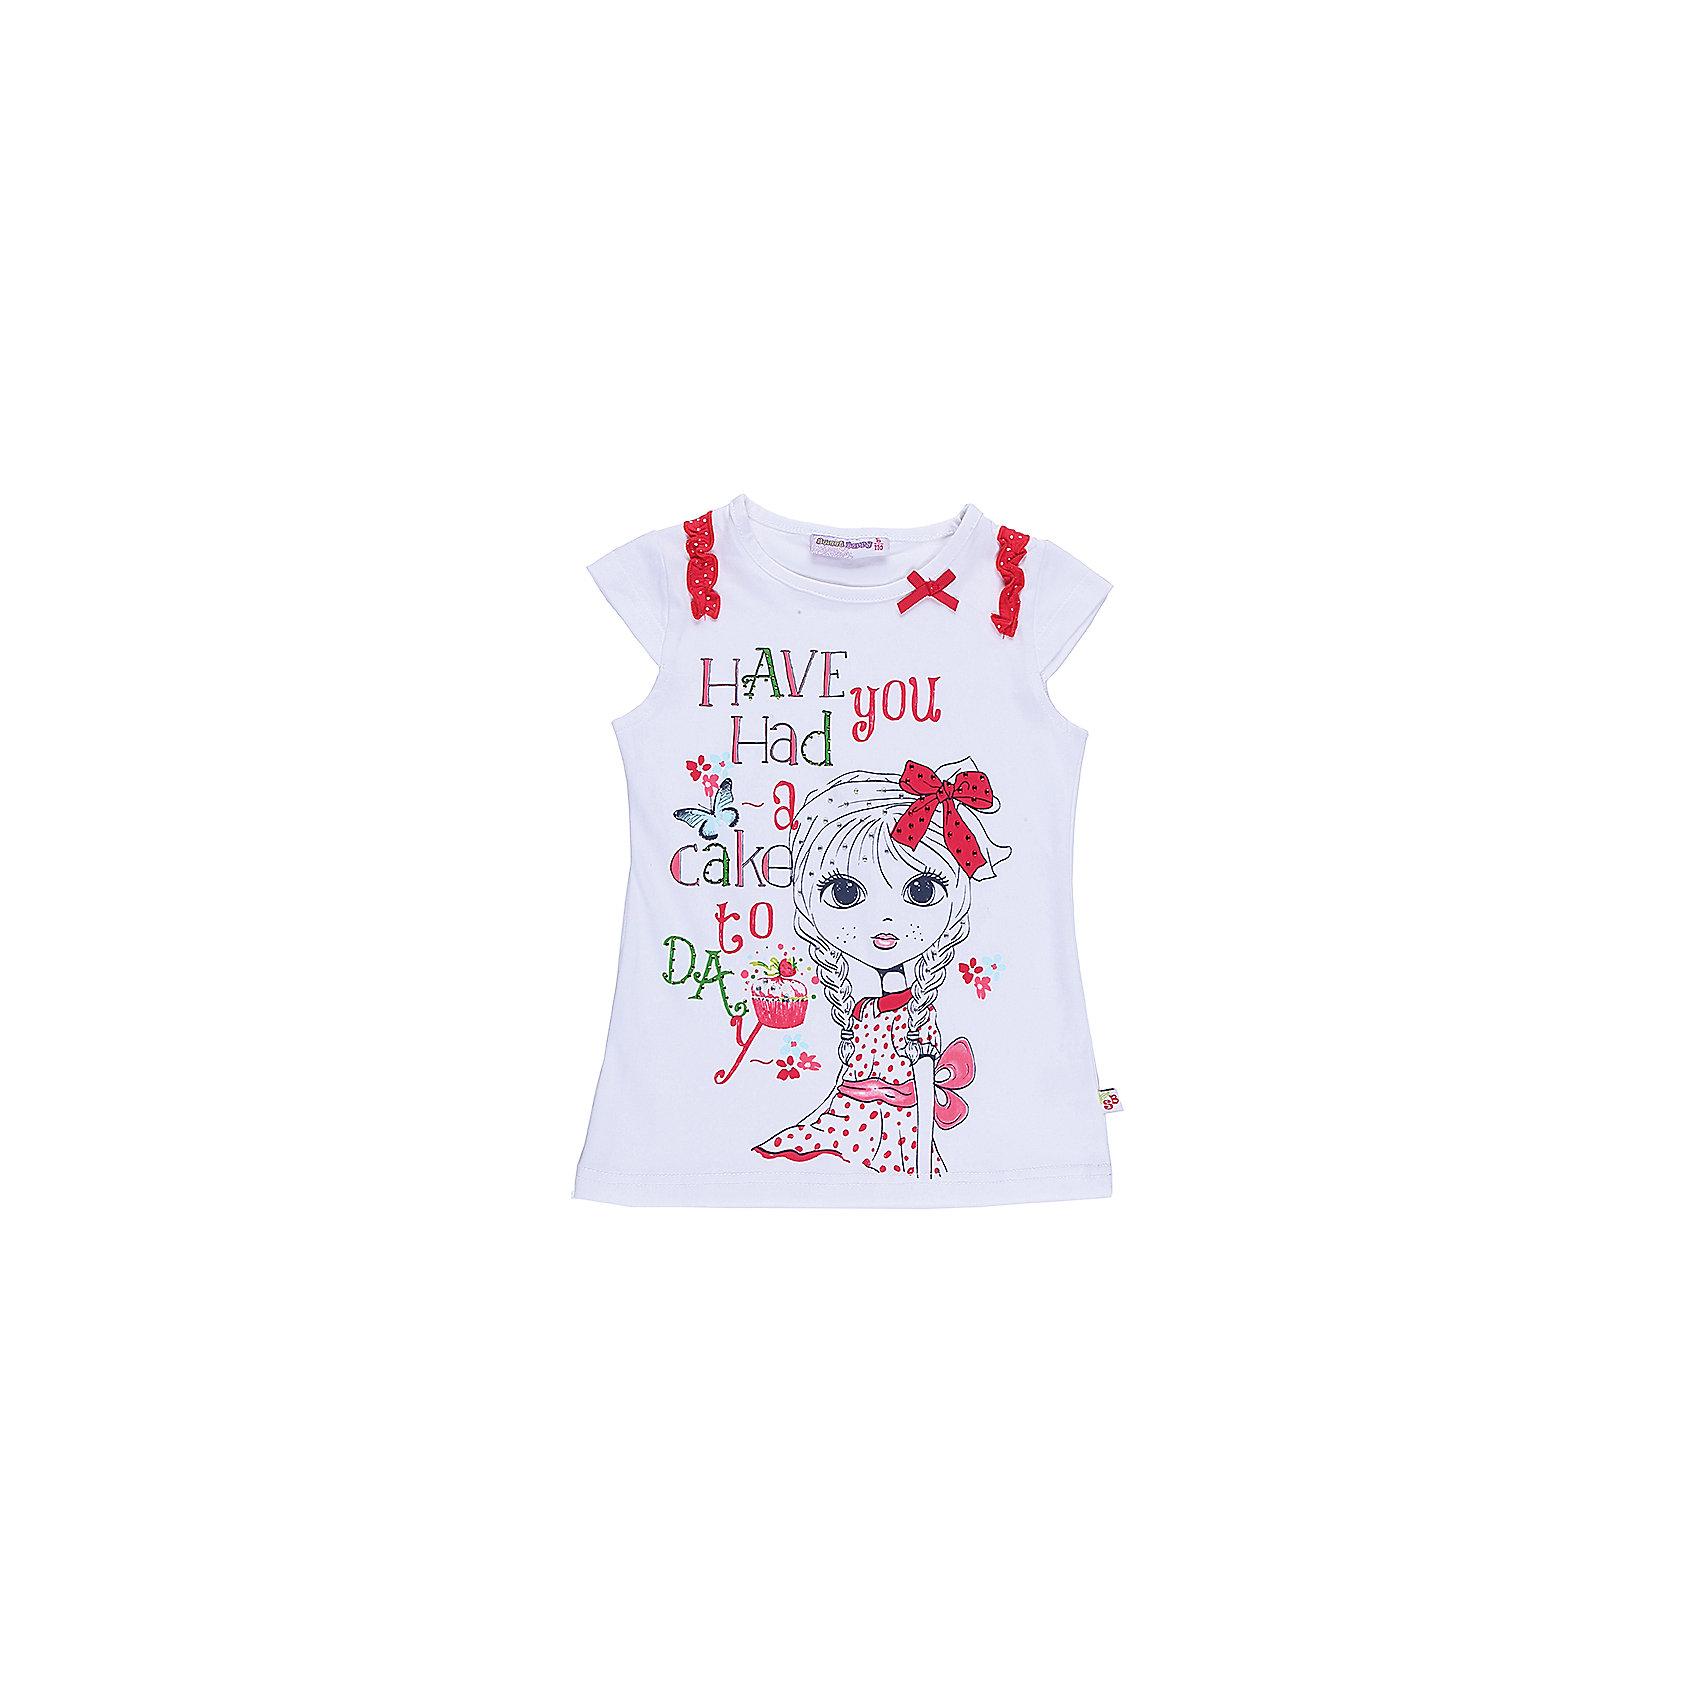 Футболка для девочки Sweet BerryФутболки, поло и топы<br>Стильная футболка из трикотажной, мягкой ткани для девочки с коротким рукавом. Декорирована оригинальным принтом бантиками.<br>Состав:<br>95%хлопок 5%эластан<br><br>Ширина мм: 199<br>Глубина мм: 10<br>Высота мм: 161<br>Вес г: 151<br>Цвет: белый<br>Возраст от месяцев: 24<br>Возраст до месяцев: 36<br>Пол: Женский<br>Возраст: Детский<br>Размер: 98,104,110,116,122,128<br>SKU: 5409914